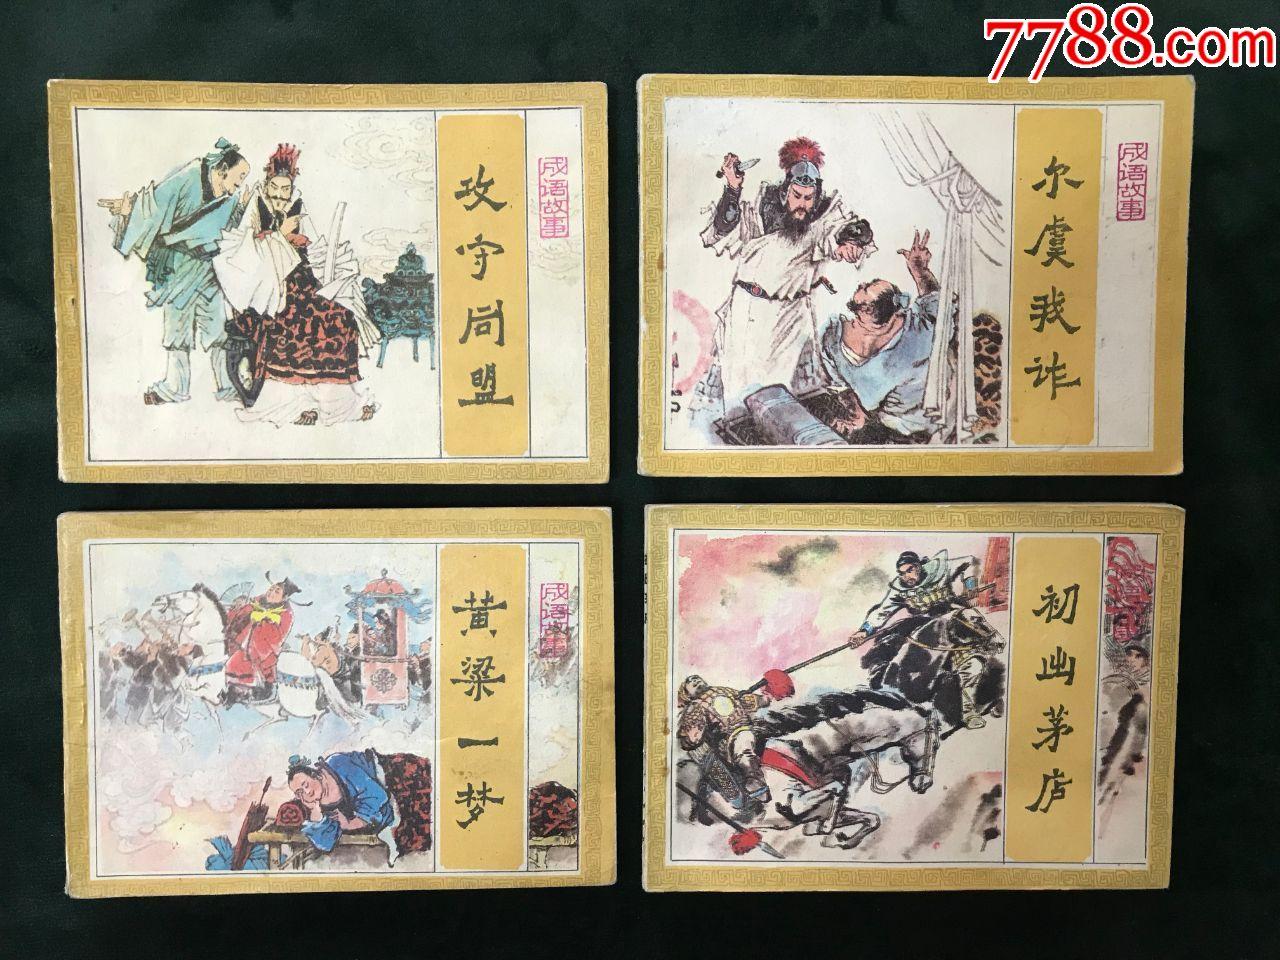 成�Z故事8�院吓募�林人民出版社含老�R�R途/�上�兵等(au20487471)_